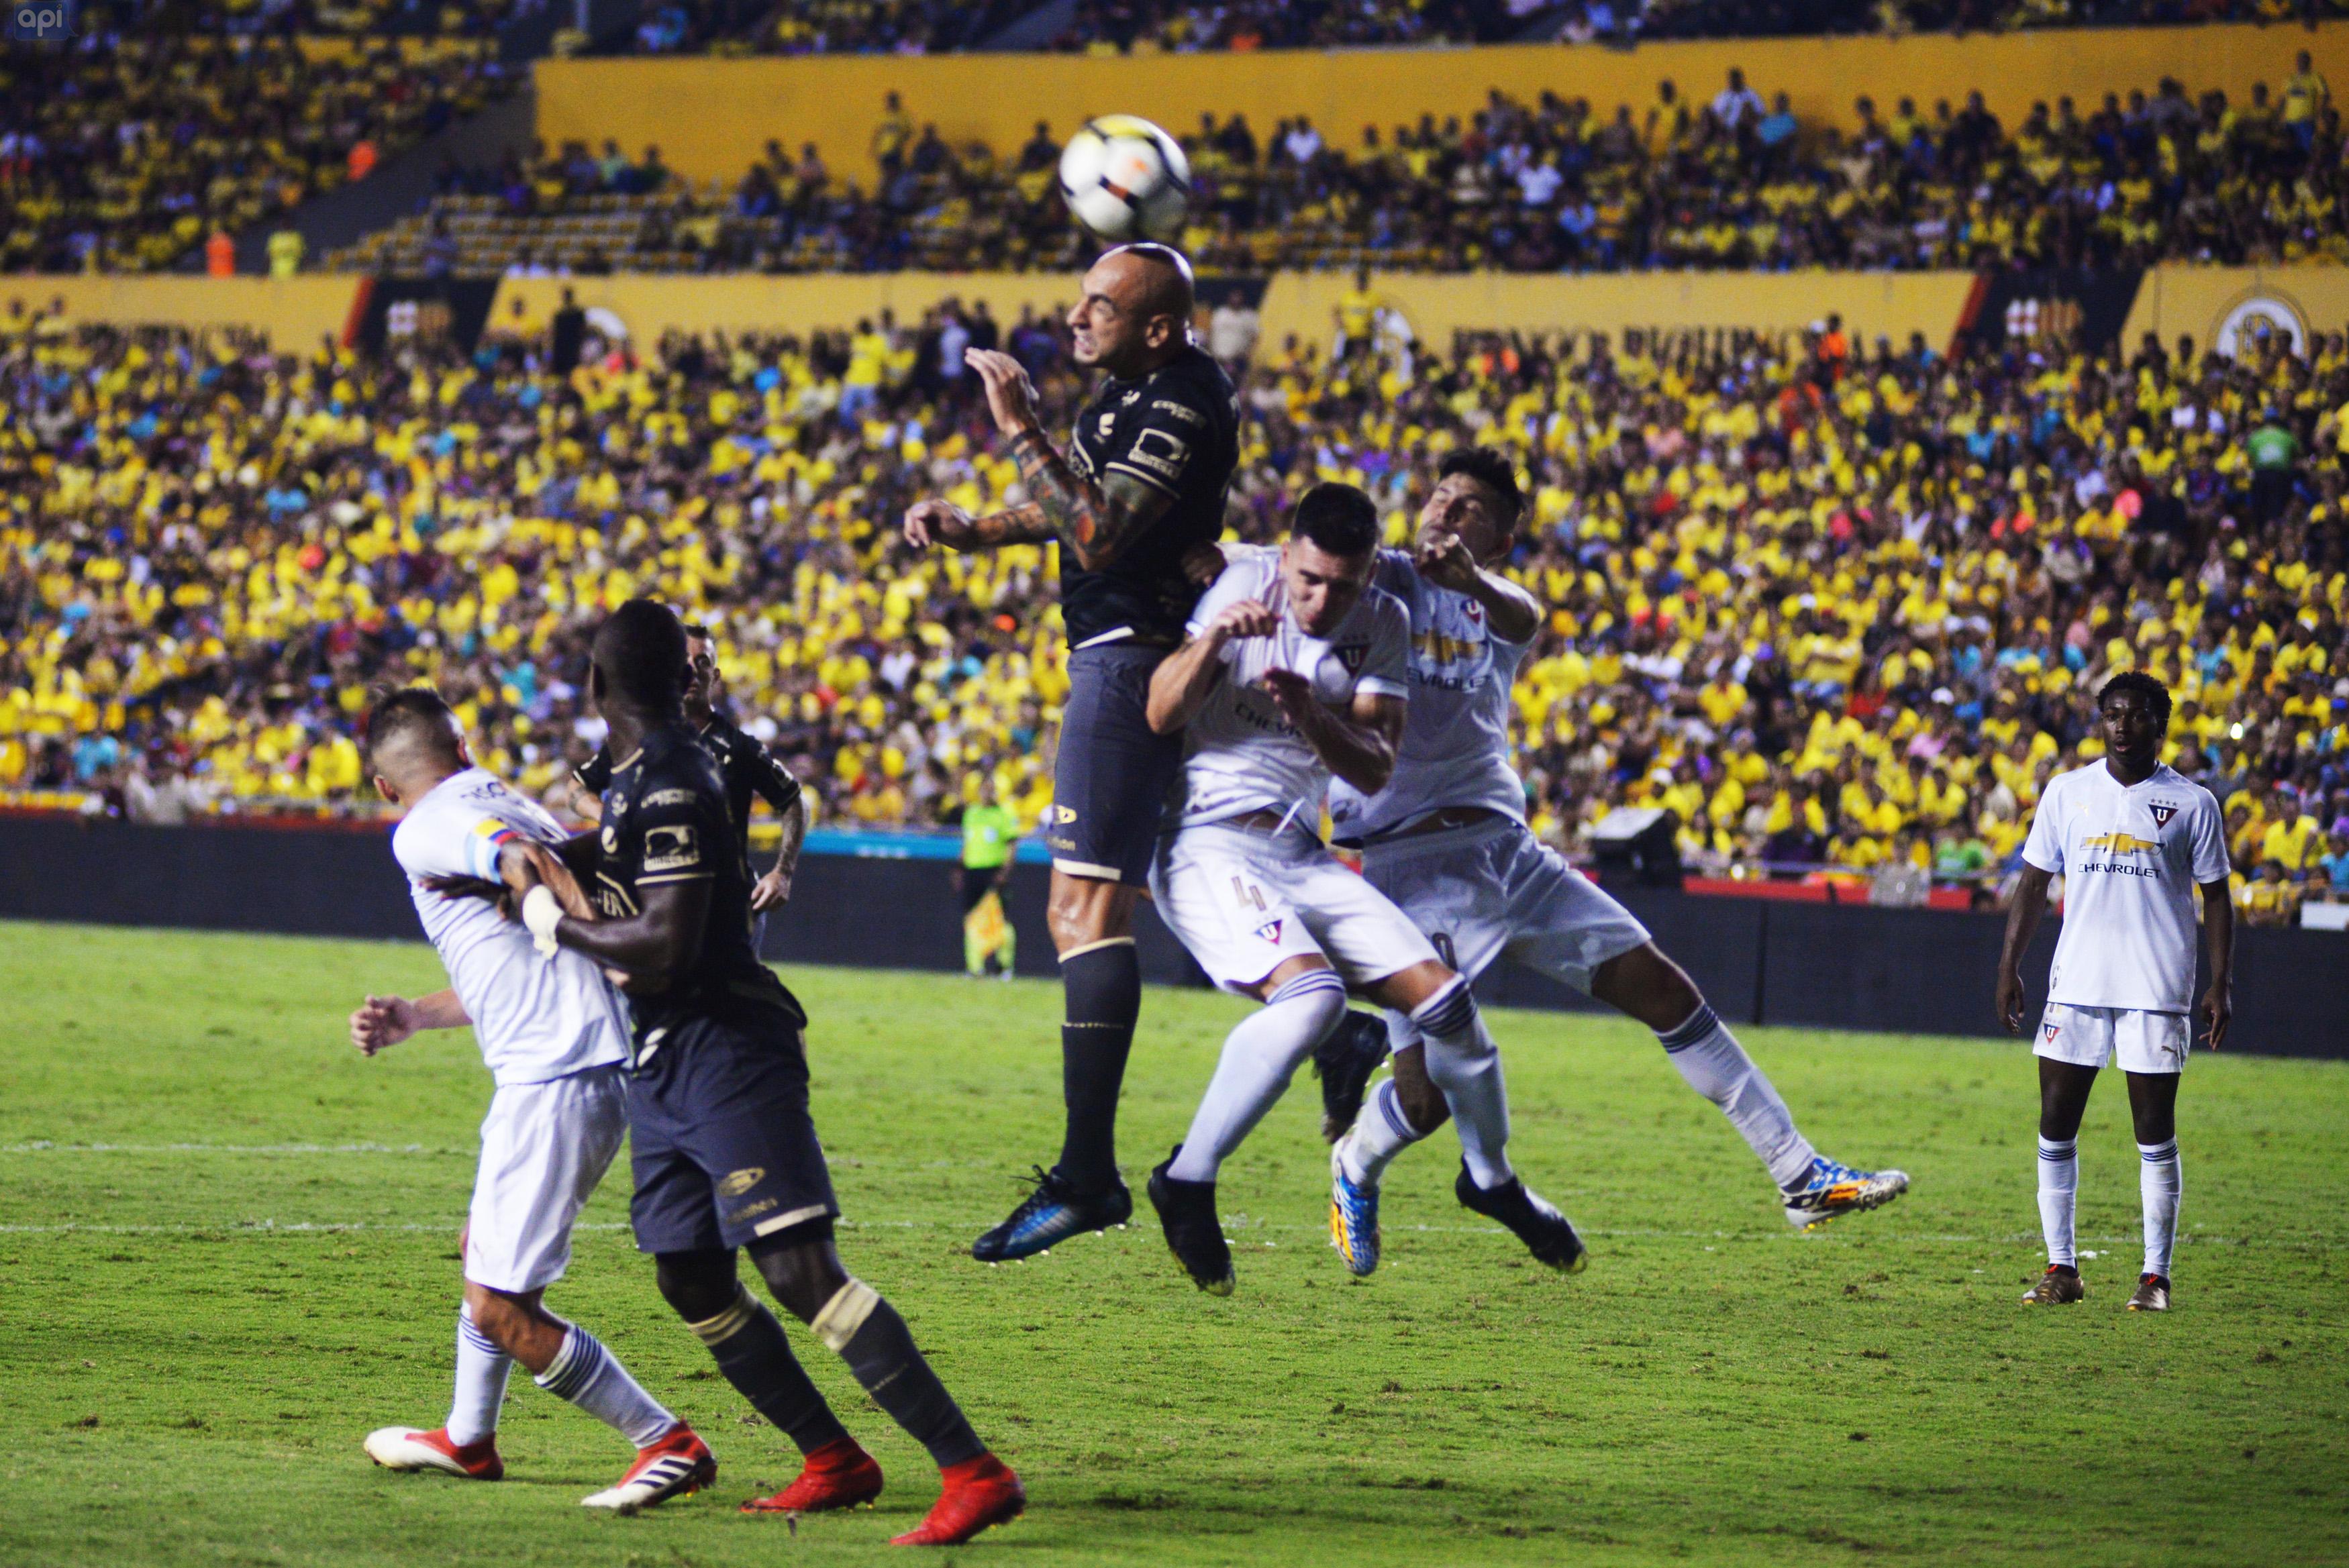 Amílcar Mantilla informó que la FEF aprobó la realización de la Copa Ecuador y aseguró que arrancará este 2018